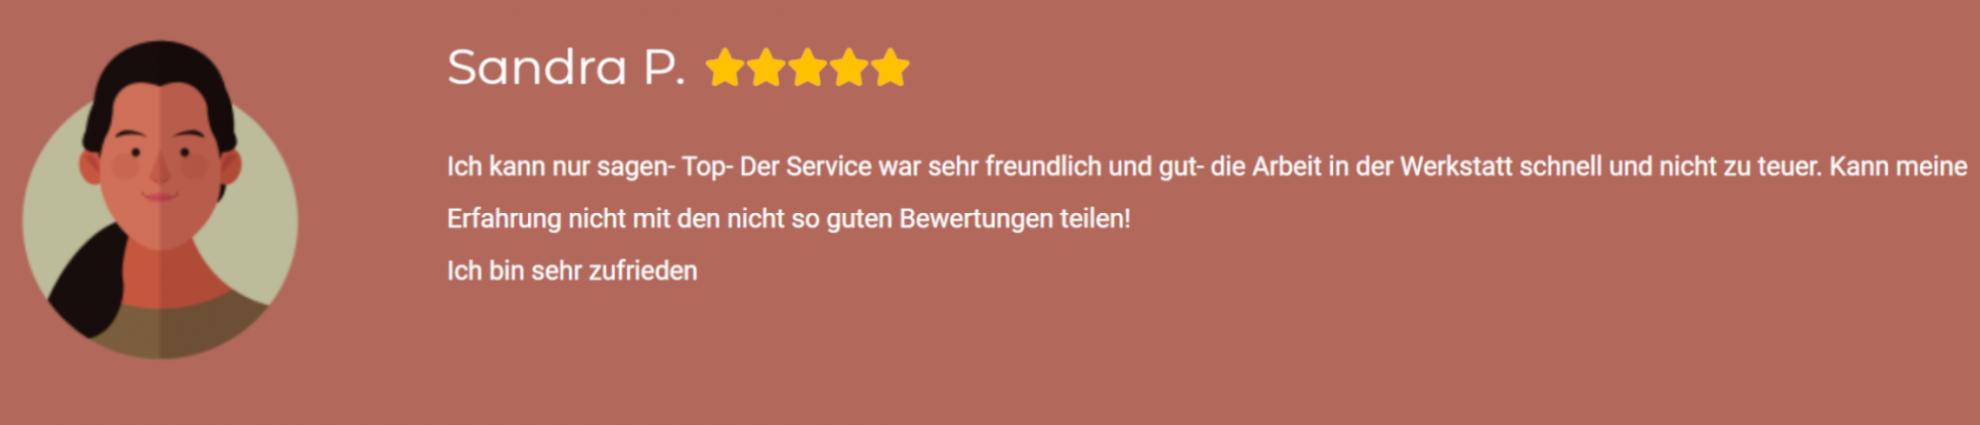 Kundenbewertung5